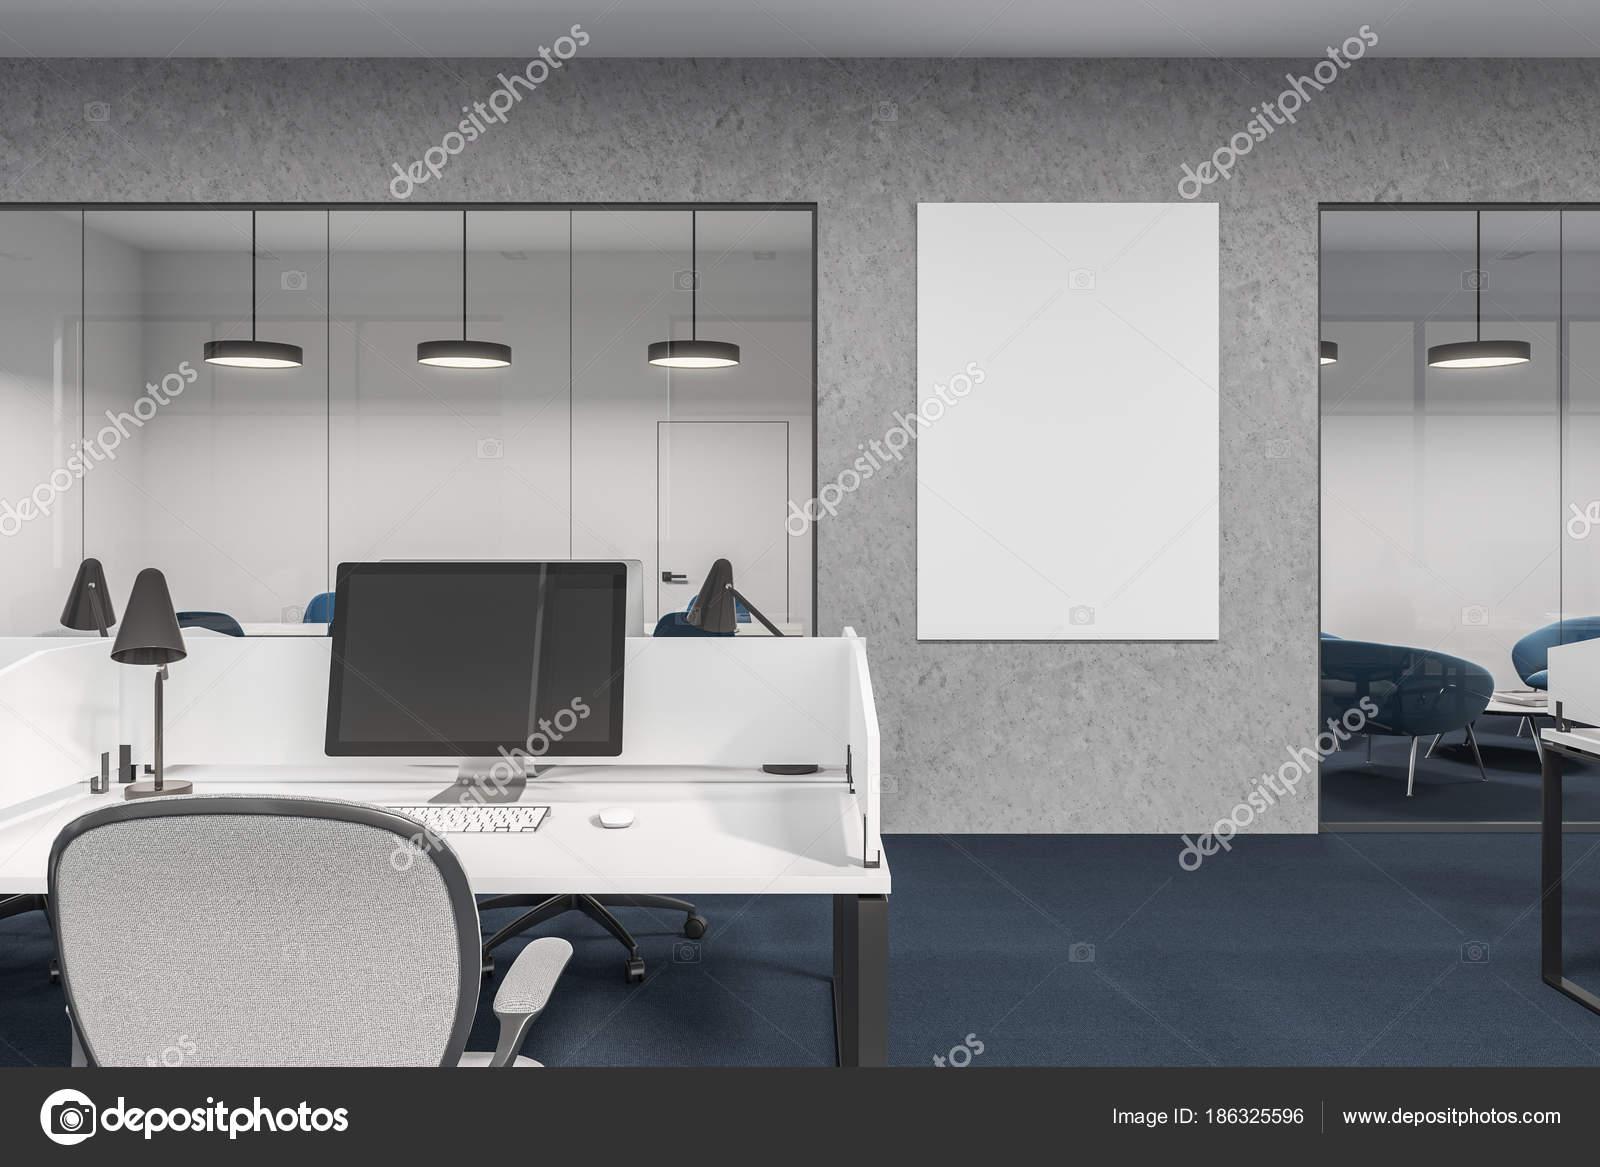 Compartiments de bureau blanc et béton poster u2014 photographie